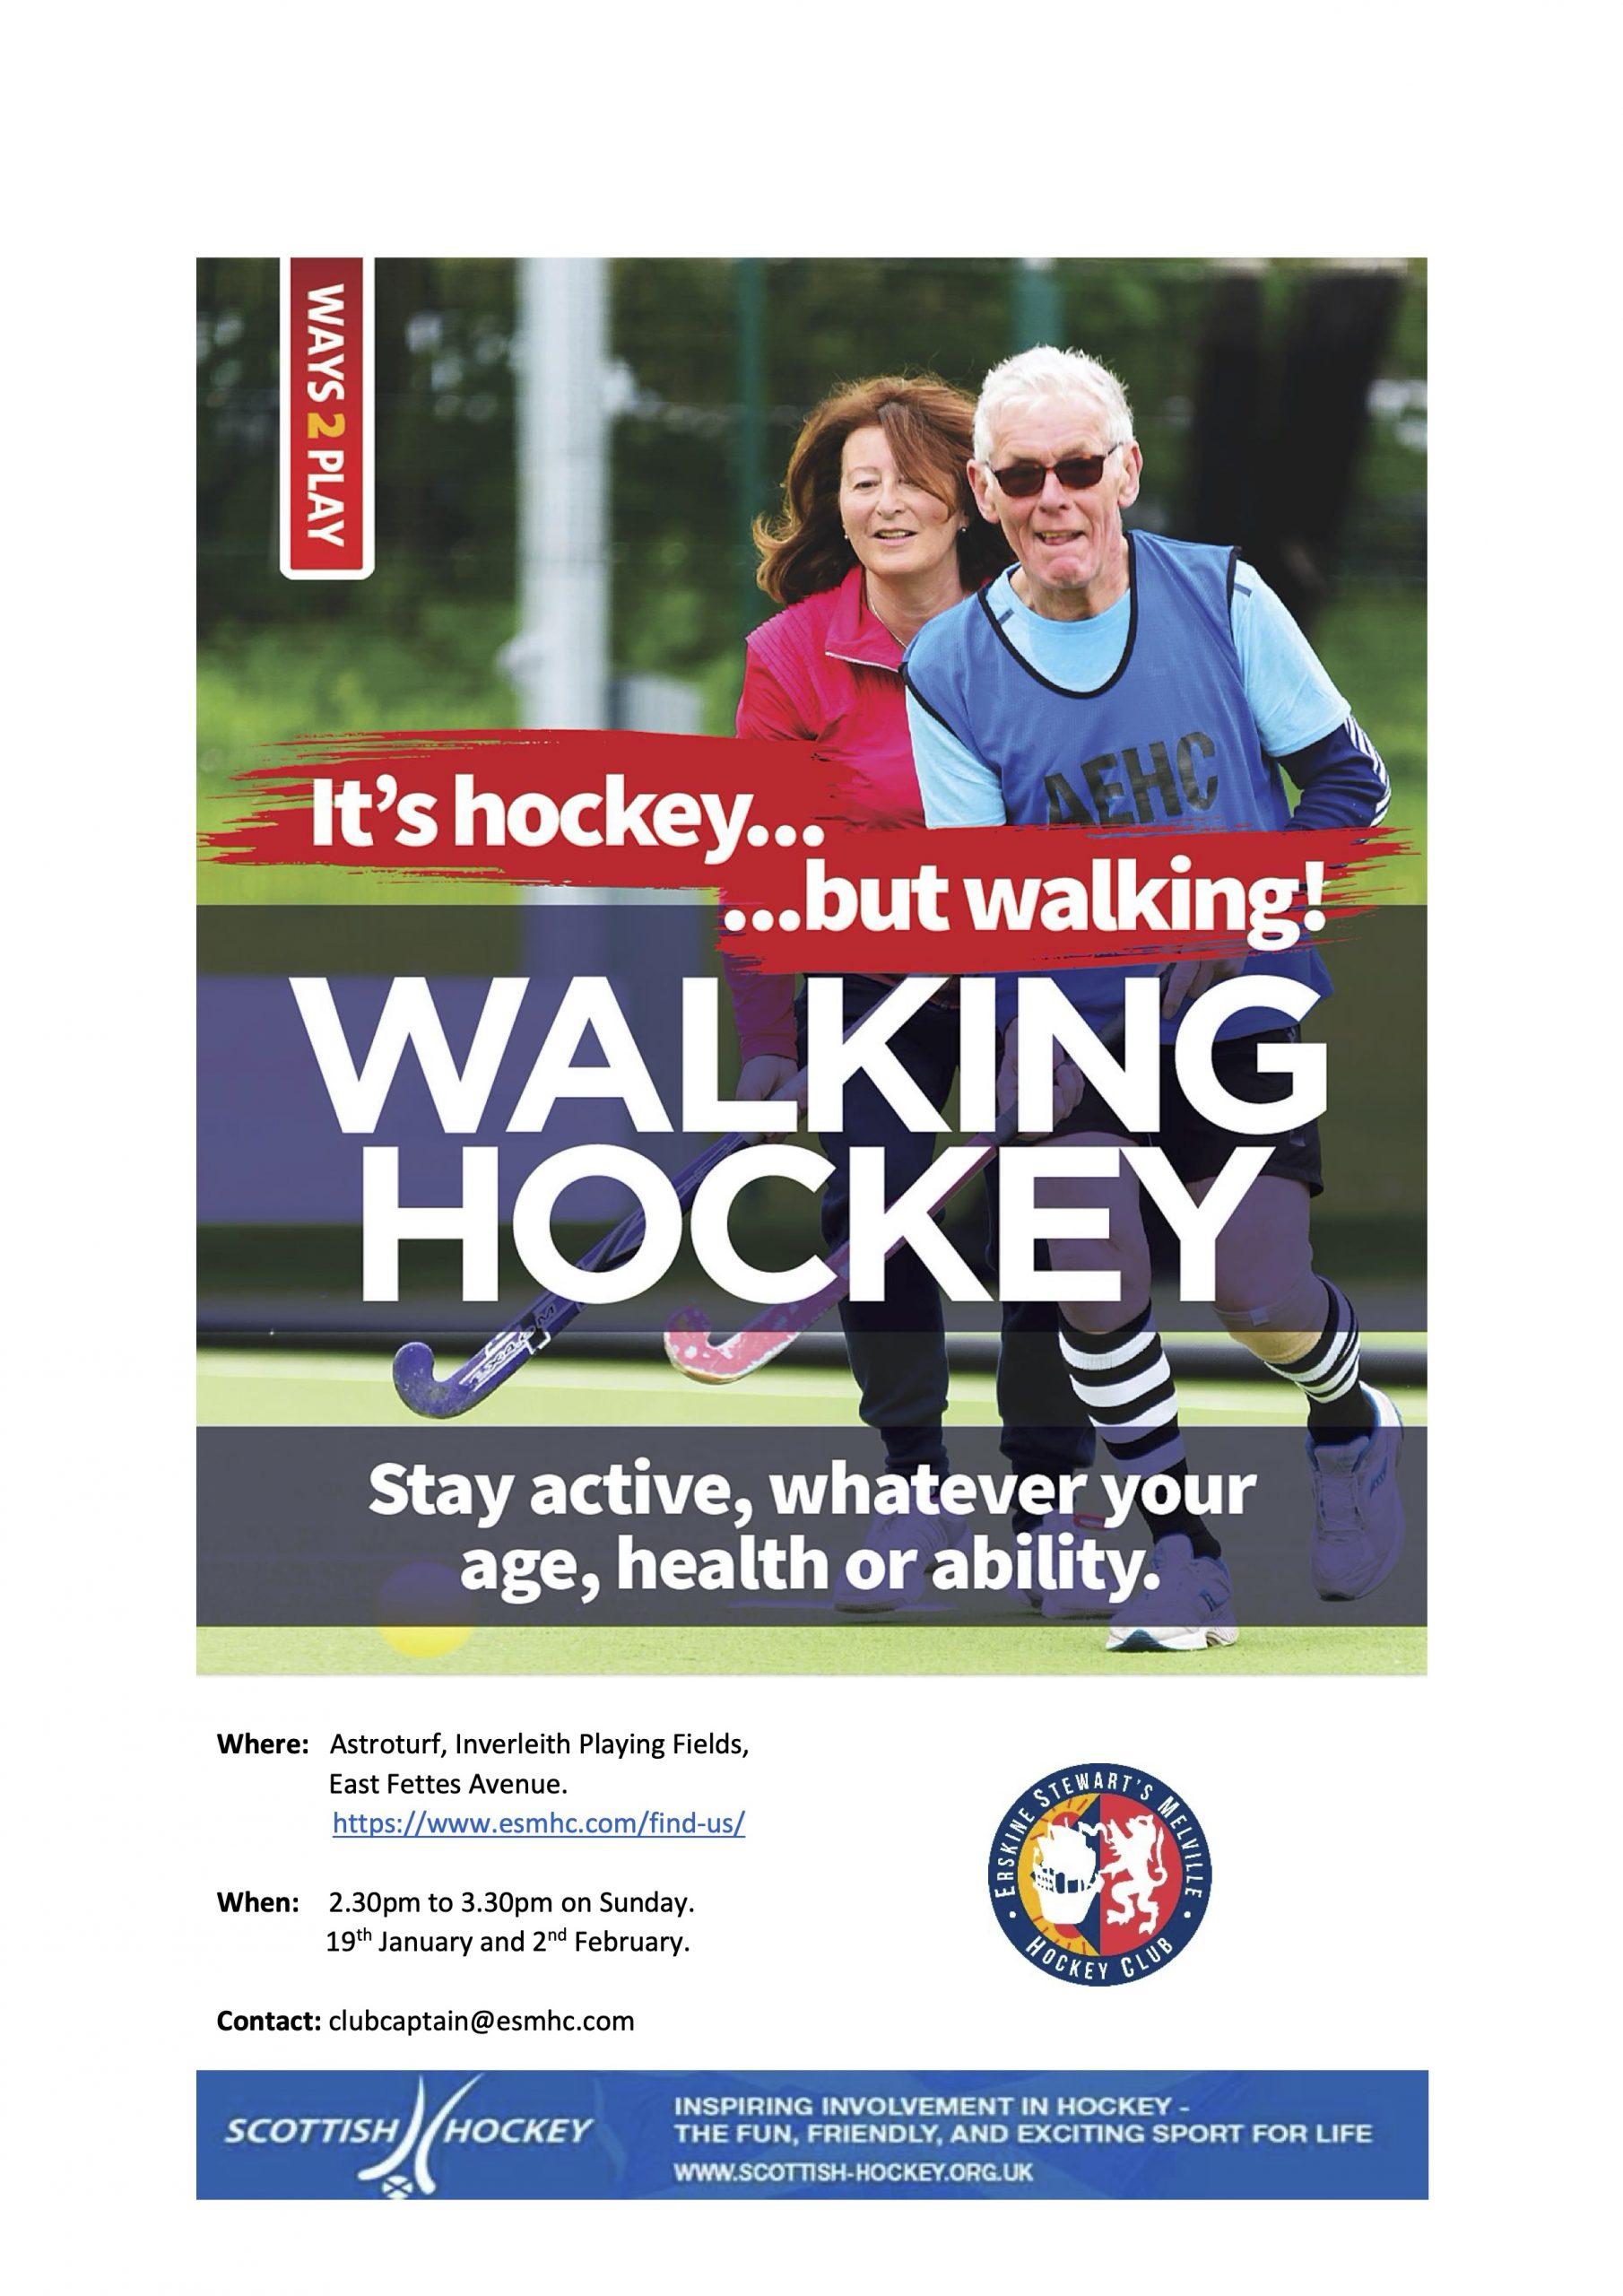 ESM introduces walking hockey to Edinburgh